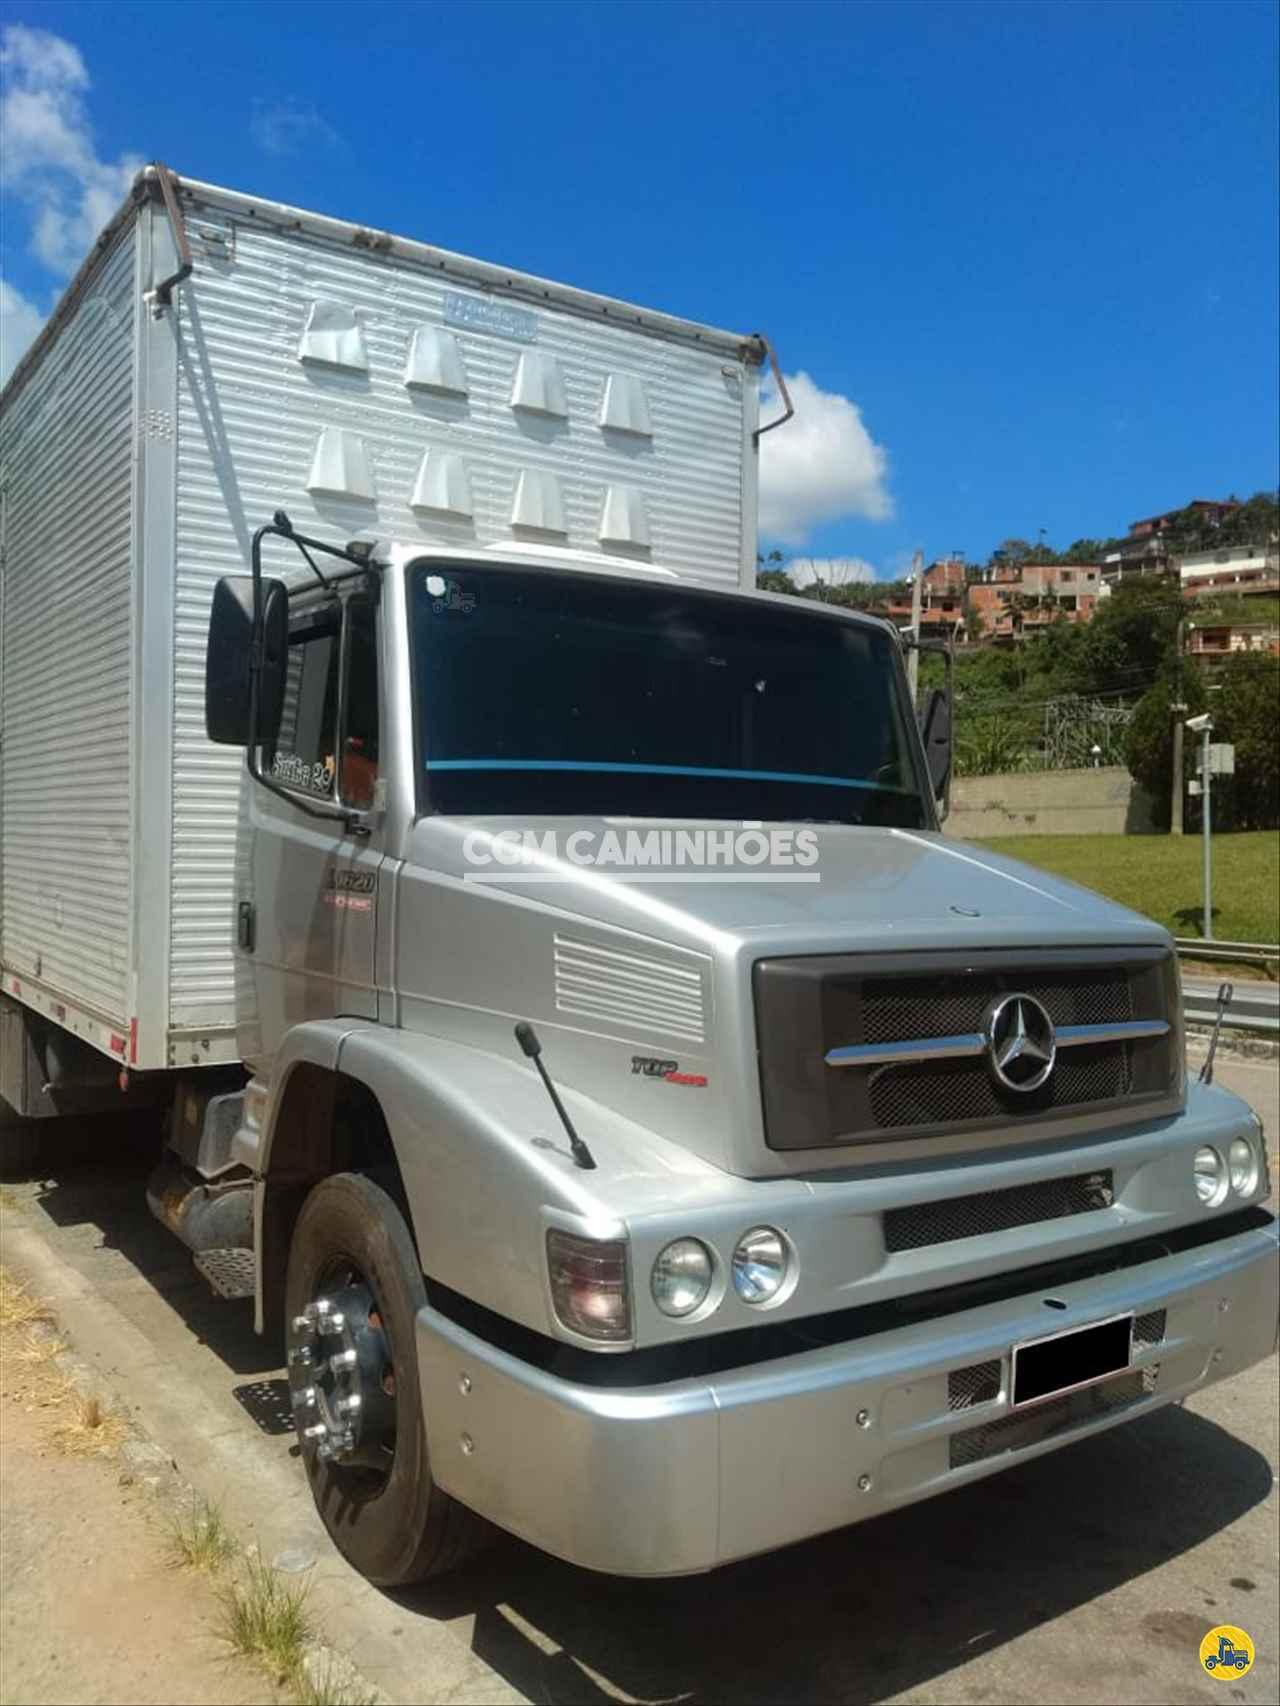 CAMINHAO MERCEDES-BENZ MB 1620 Baú Furgão Truck 6x2 CCM Caminhões GOIANIA GOIAS GO